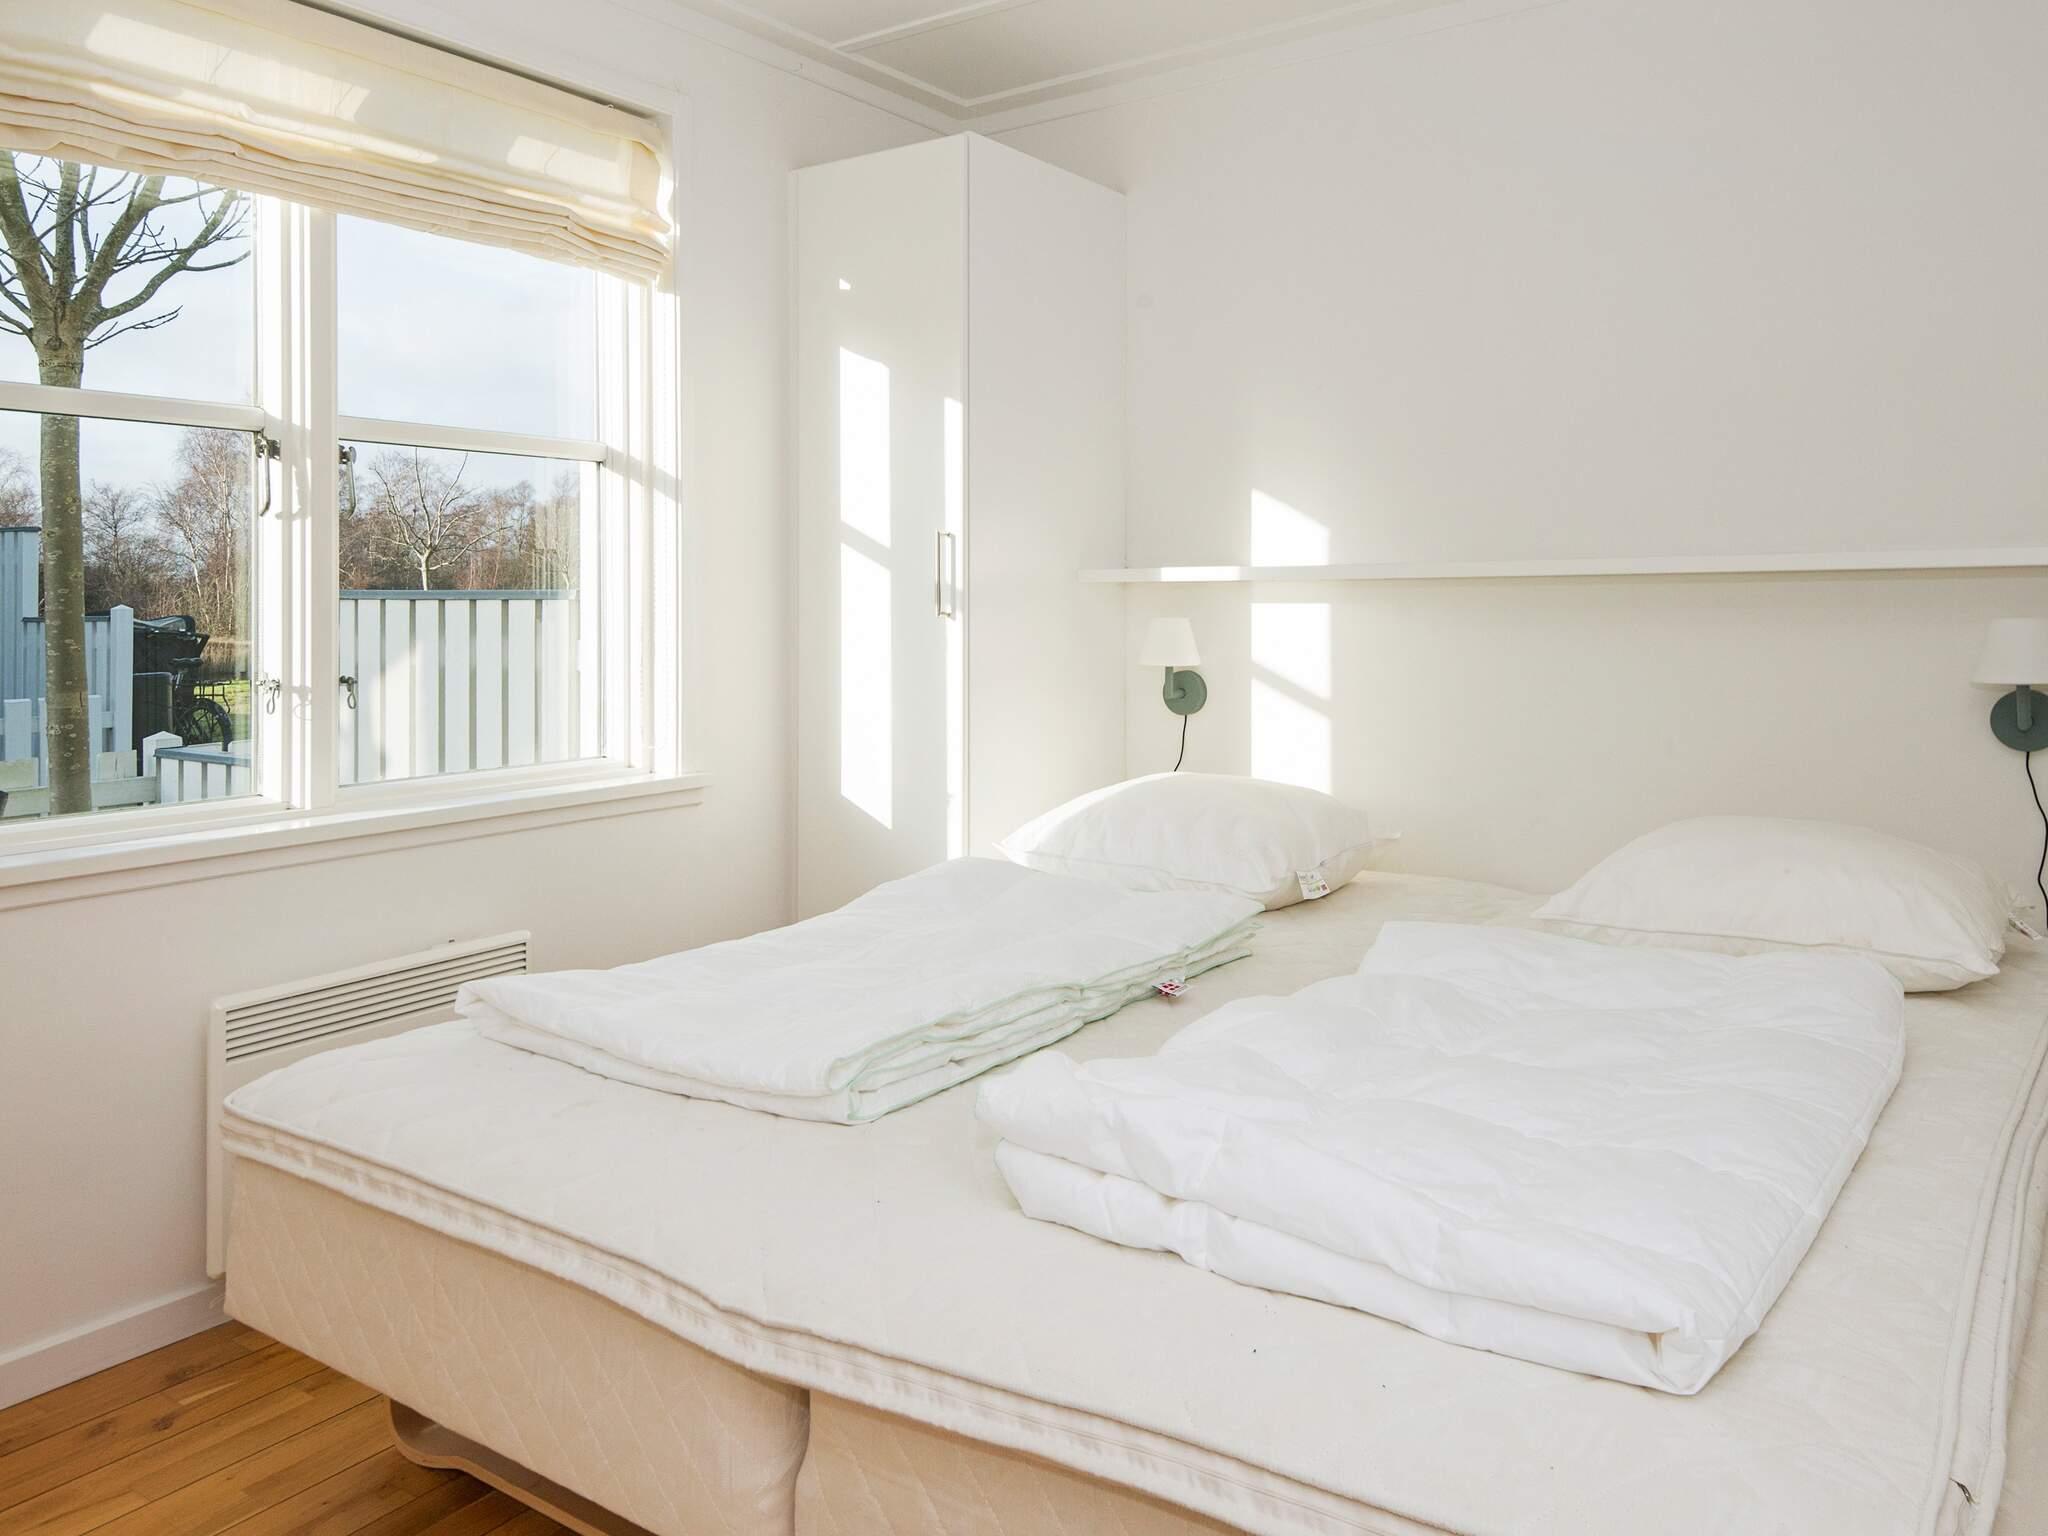 Ferienwohnung Øer Maritime Ferieby - Typ 3 - 3 Zimmer,Erdgeschoss (1087164), Øerne, , Dänische Ostsee, Dänemark, Bild 8